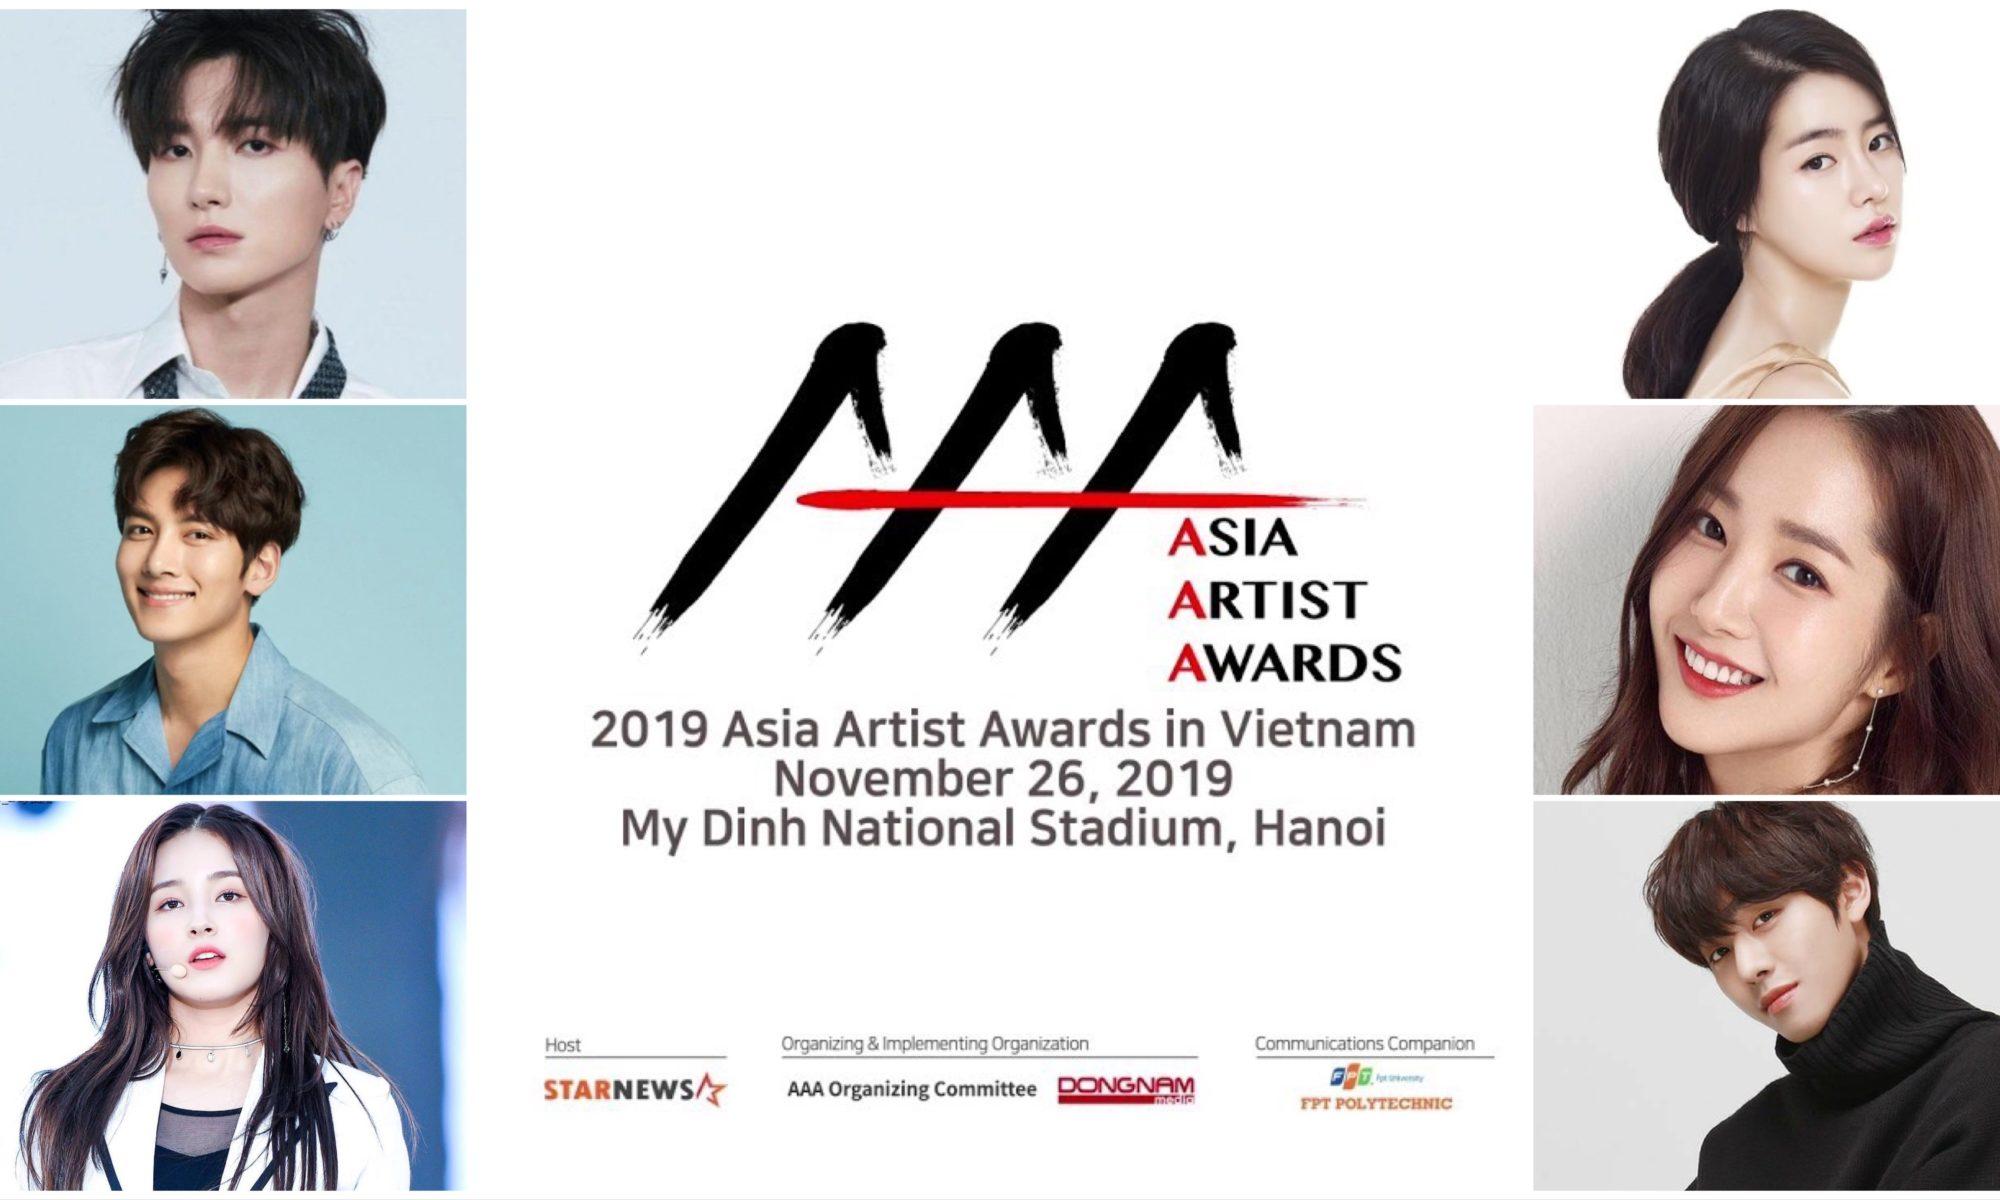 Asia Artist Awards AAA 2019